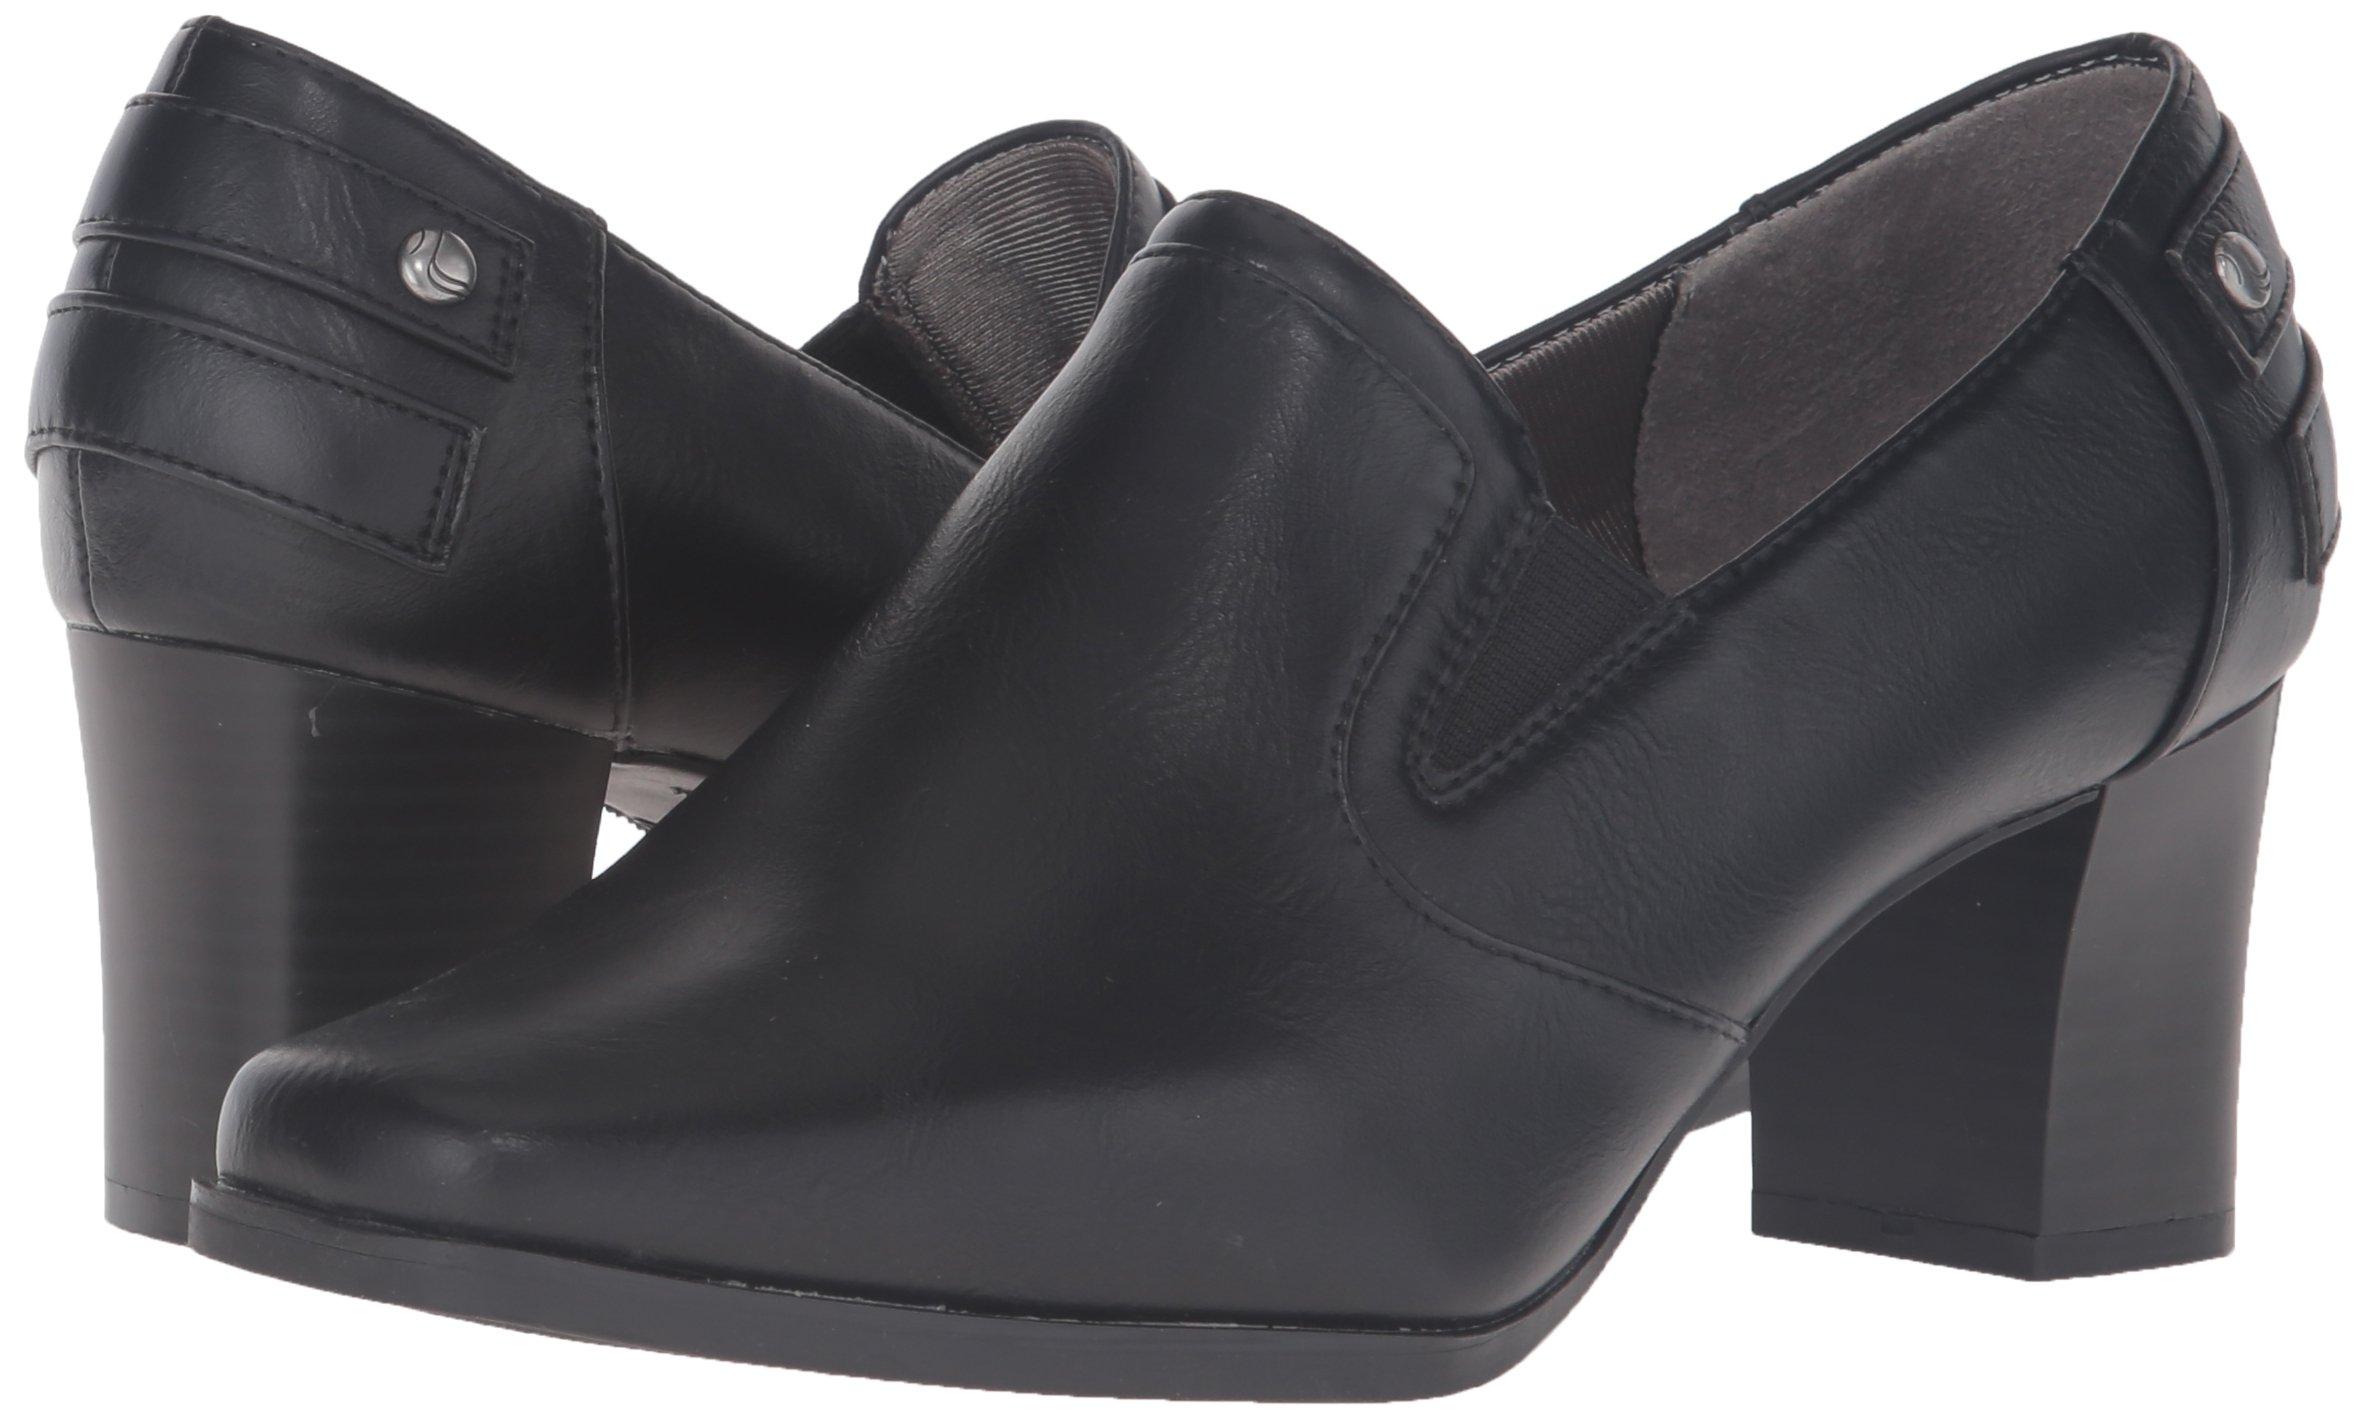 Scout Ankle Boot - Choose SZ/color